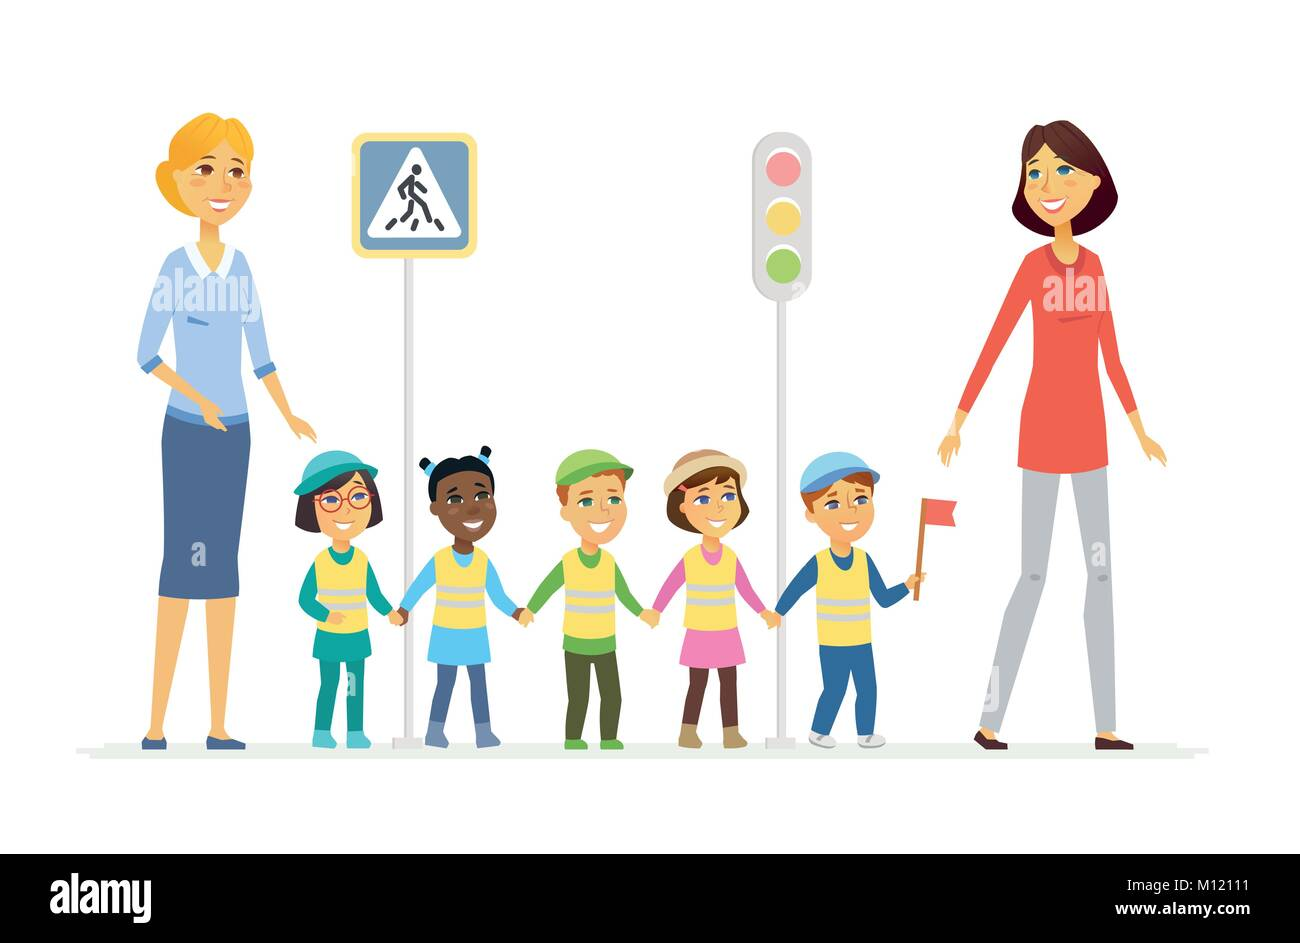 Kindergarten Stock Vector Images